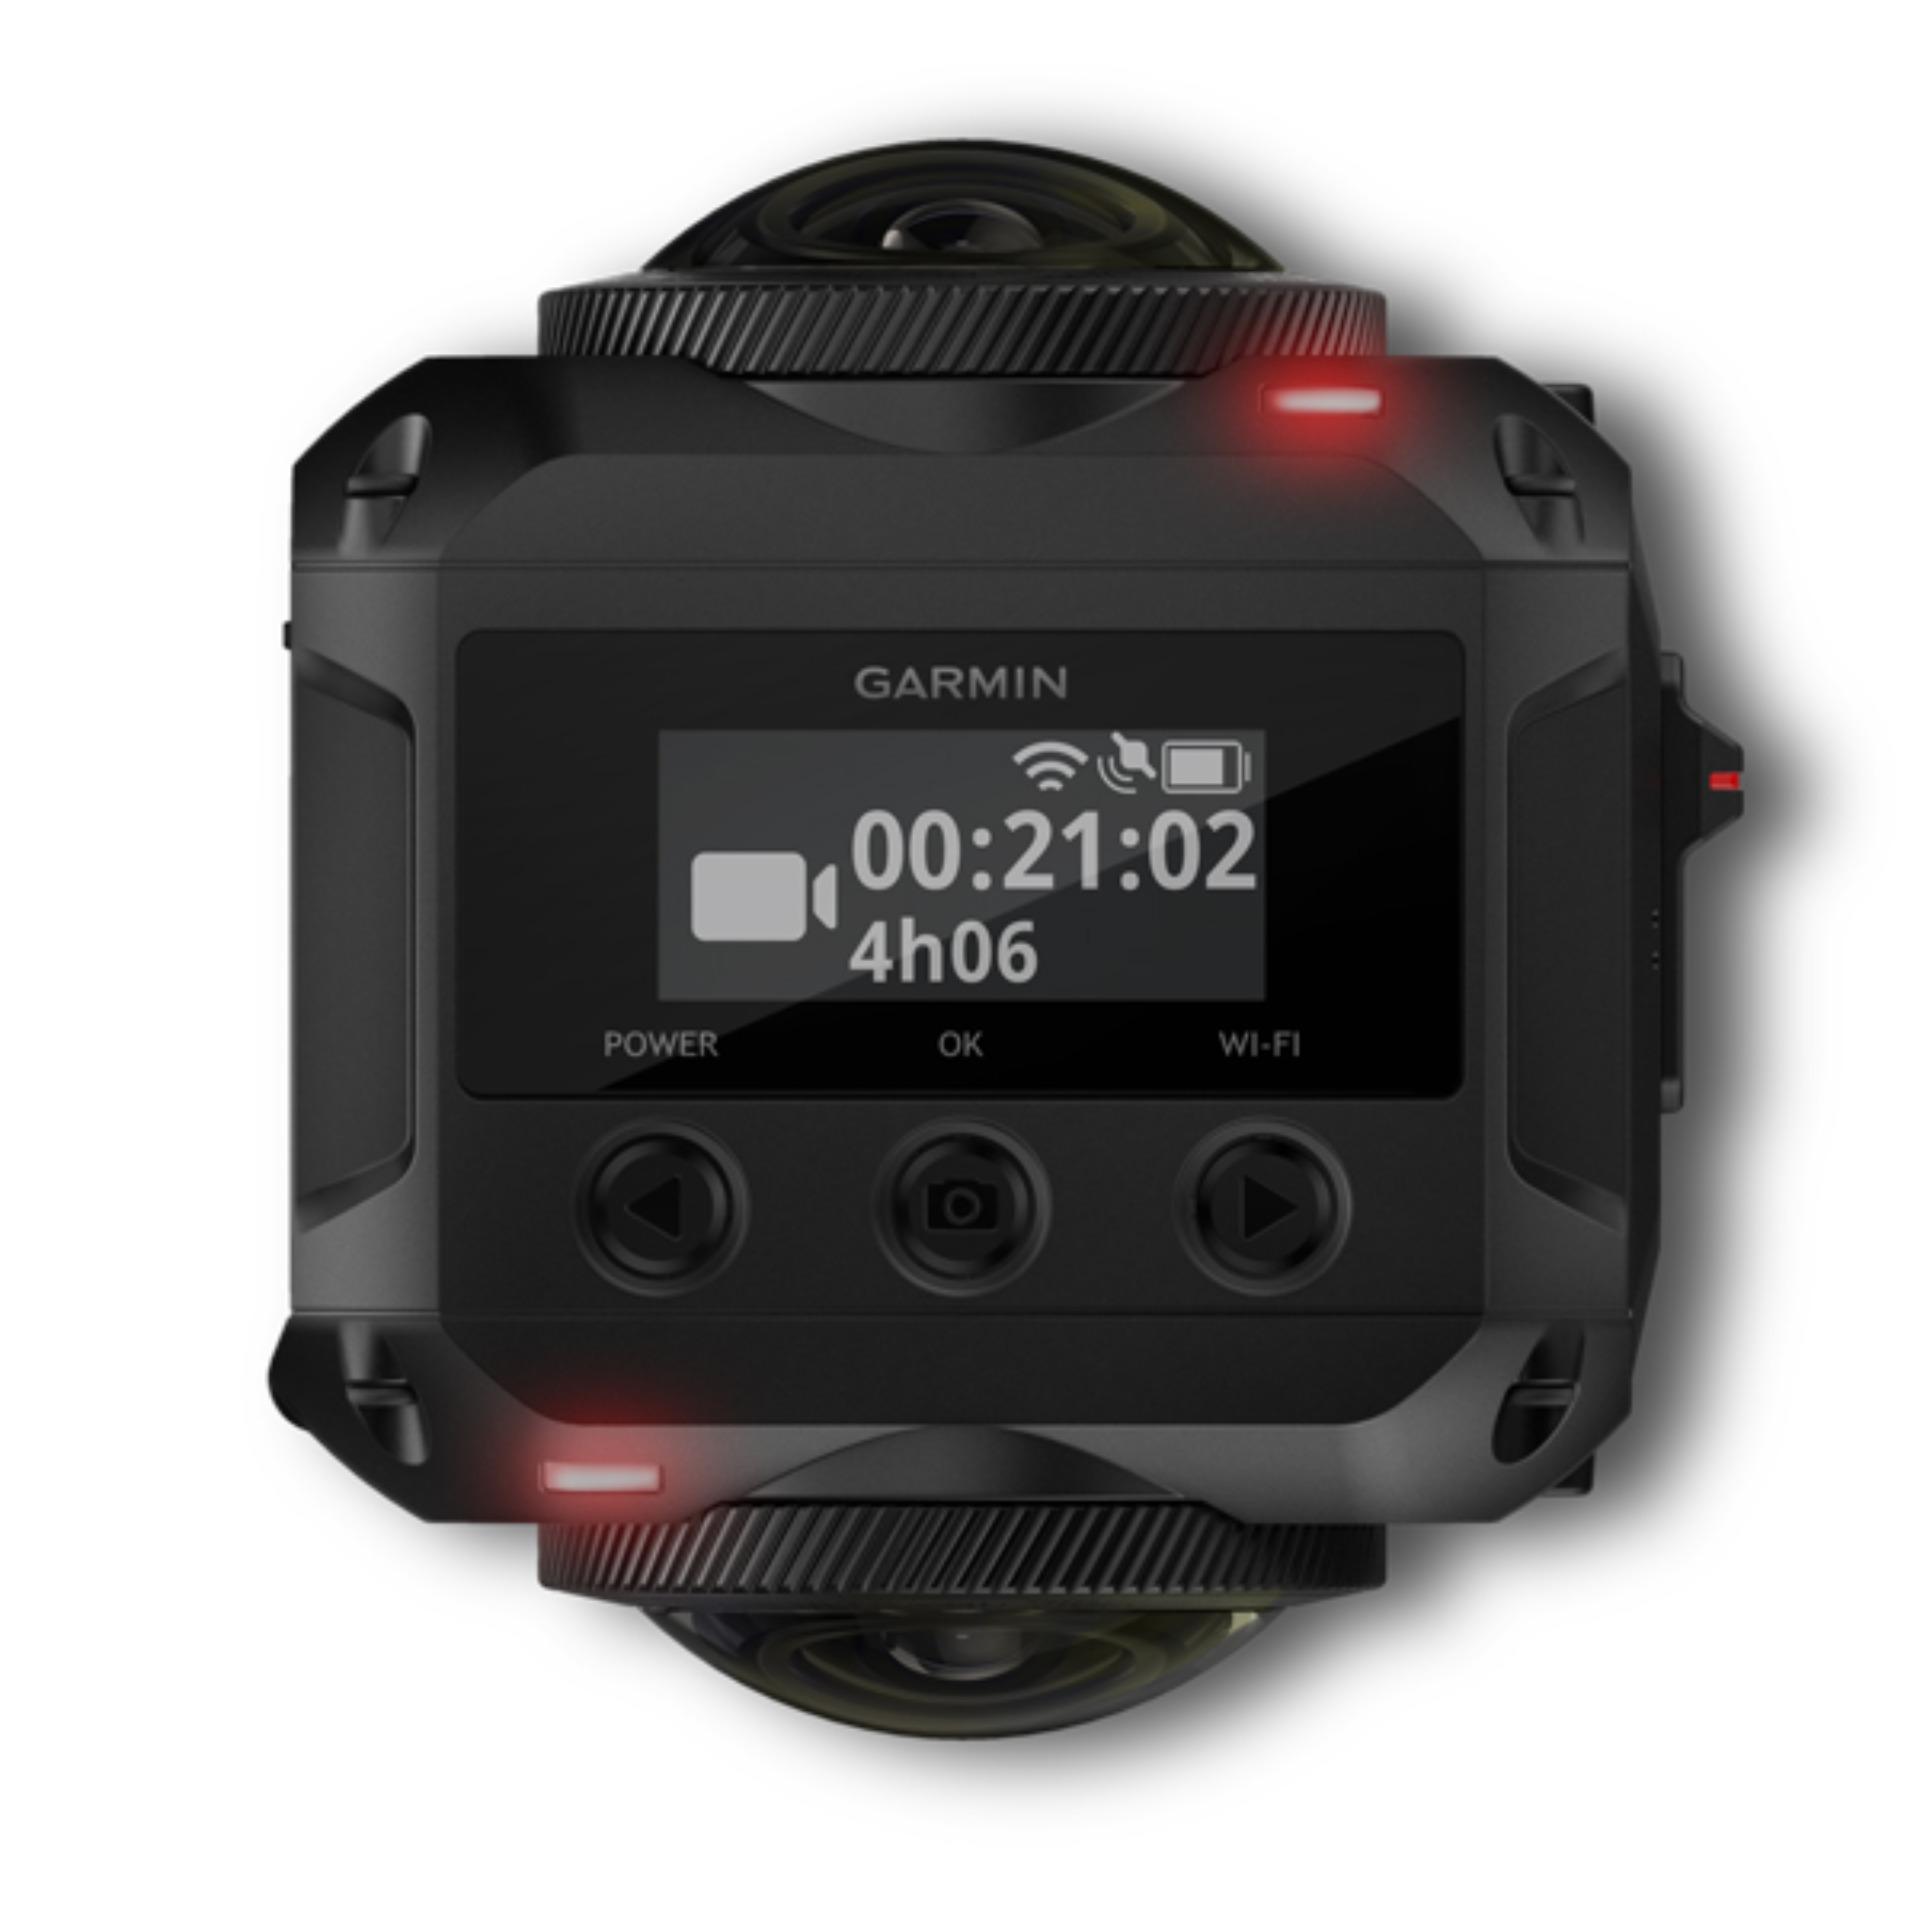 Garmin VIRB 360 5.7K Action 360-Camera